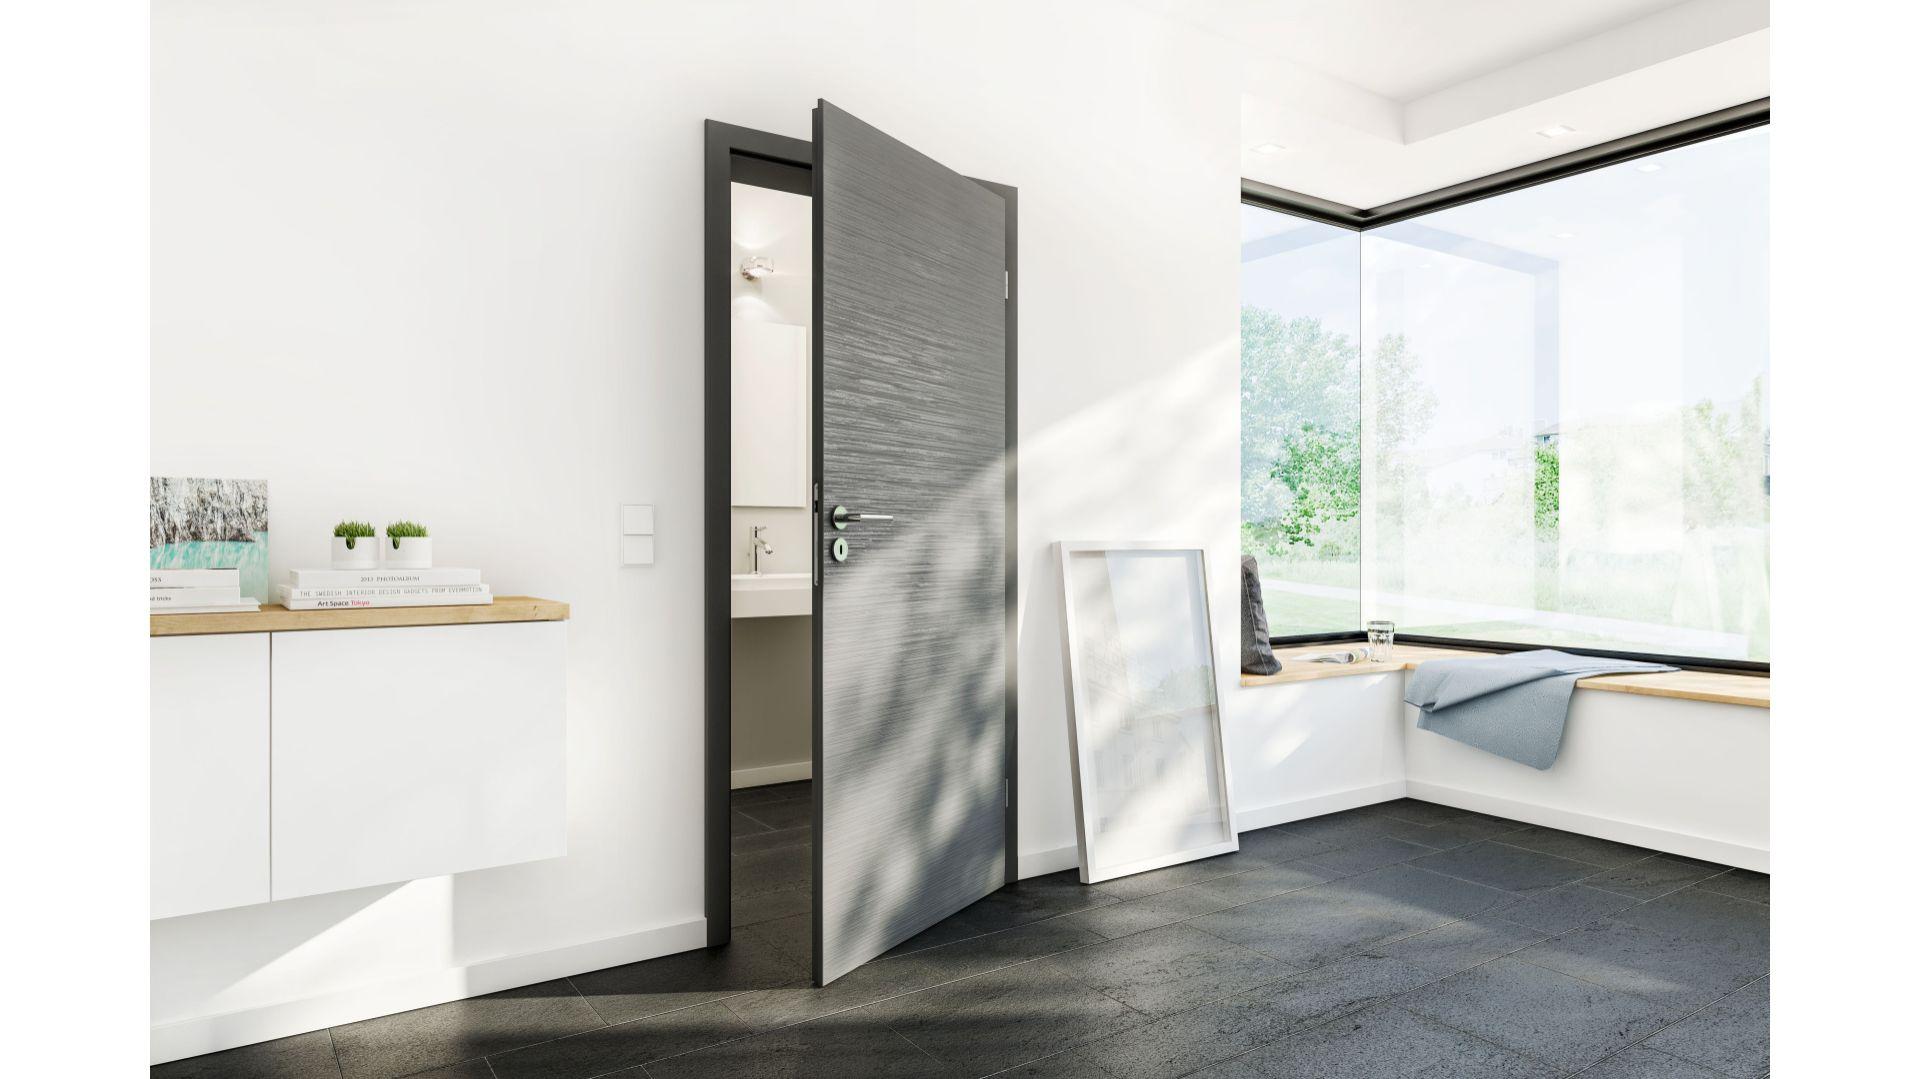 Drzwi wewnętrzne ConceptLine/Hörmann. Produkt zgłoszony do konkursu Dobry Design 2018.